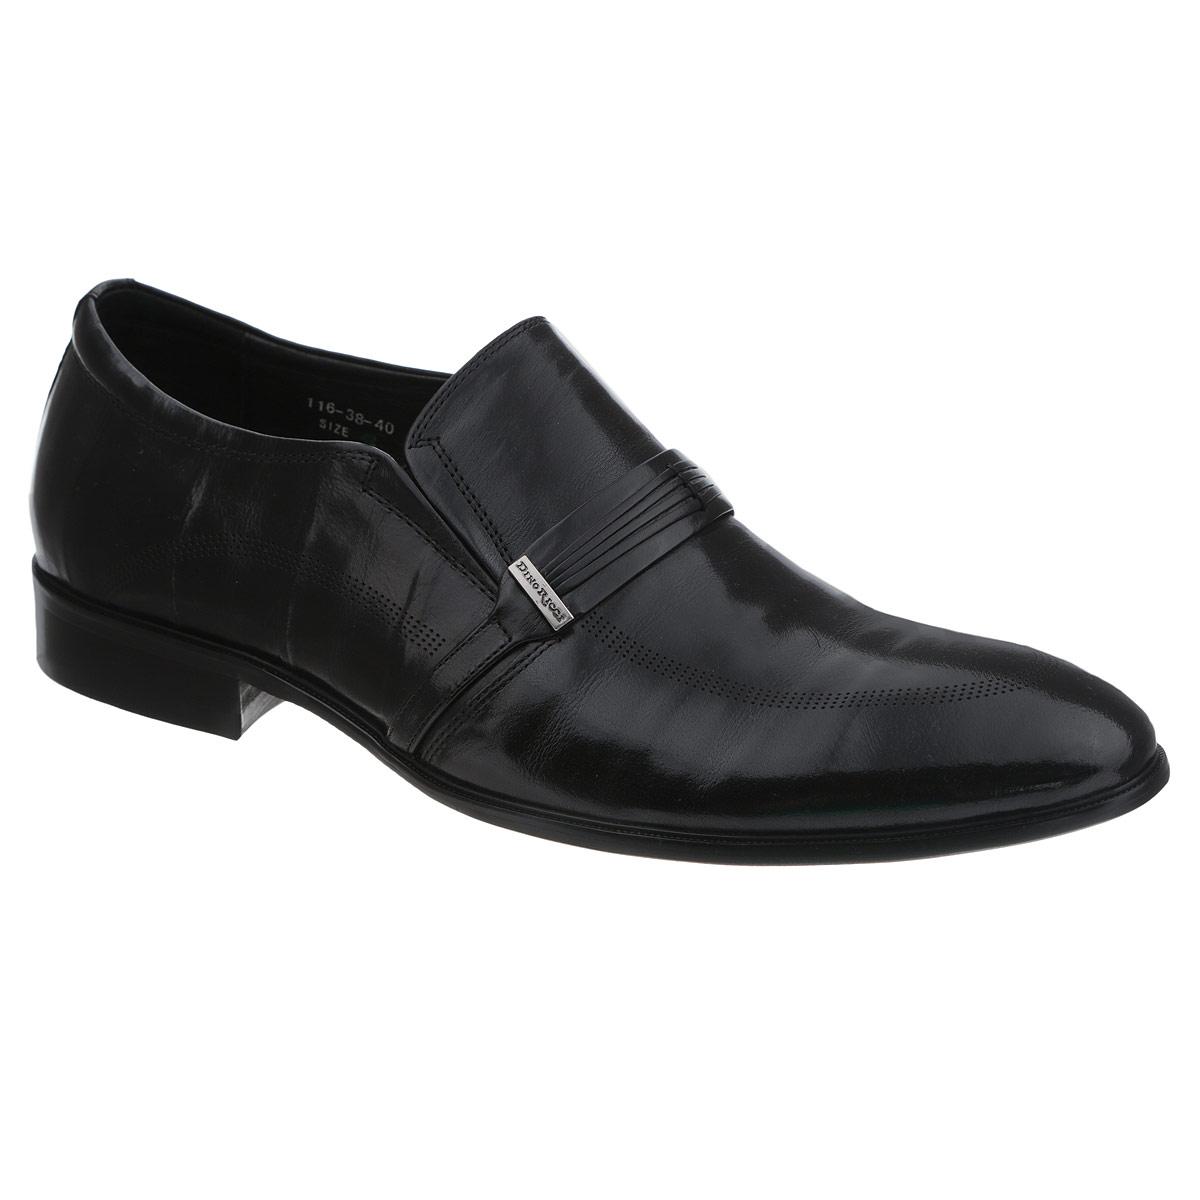 Туфли мужские. 116-38-40